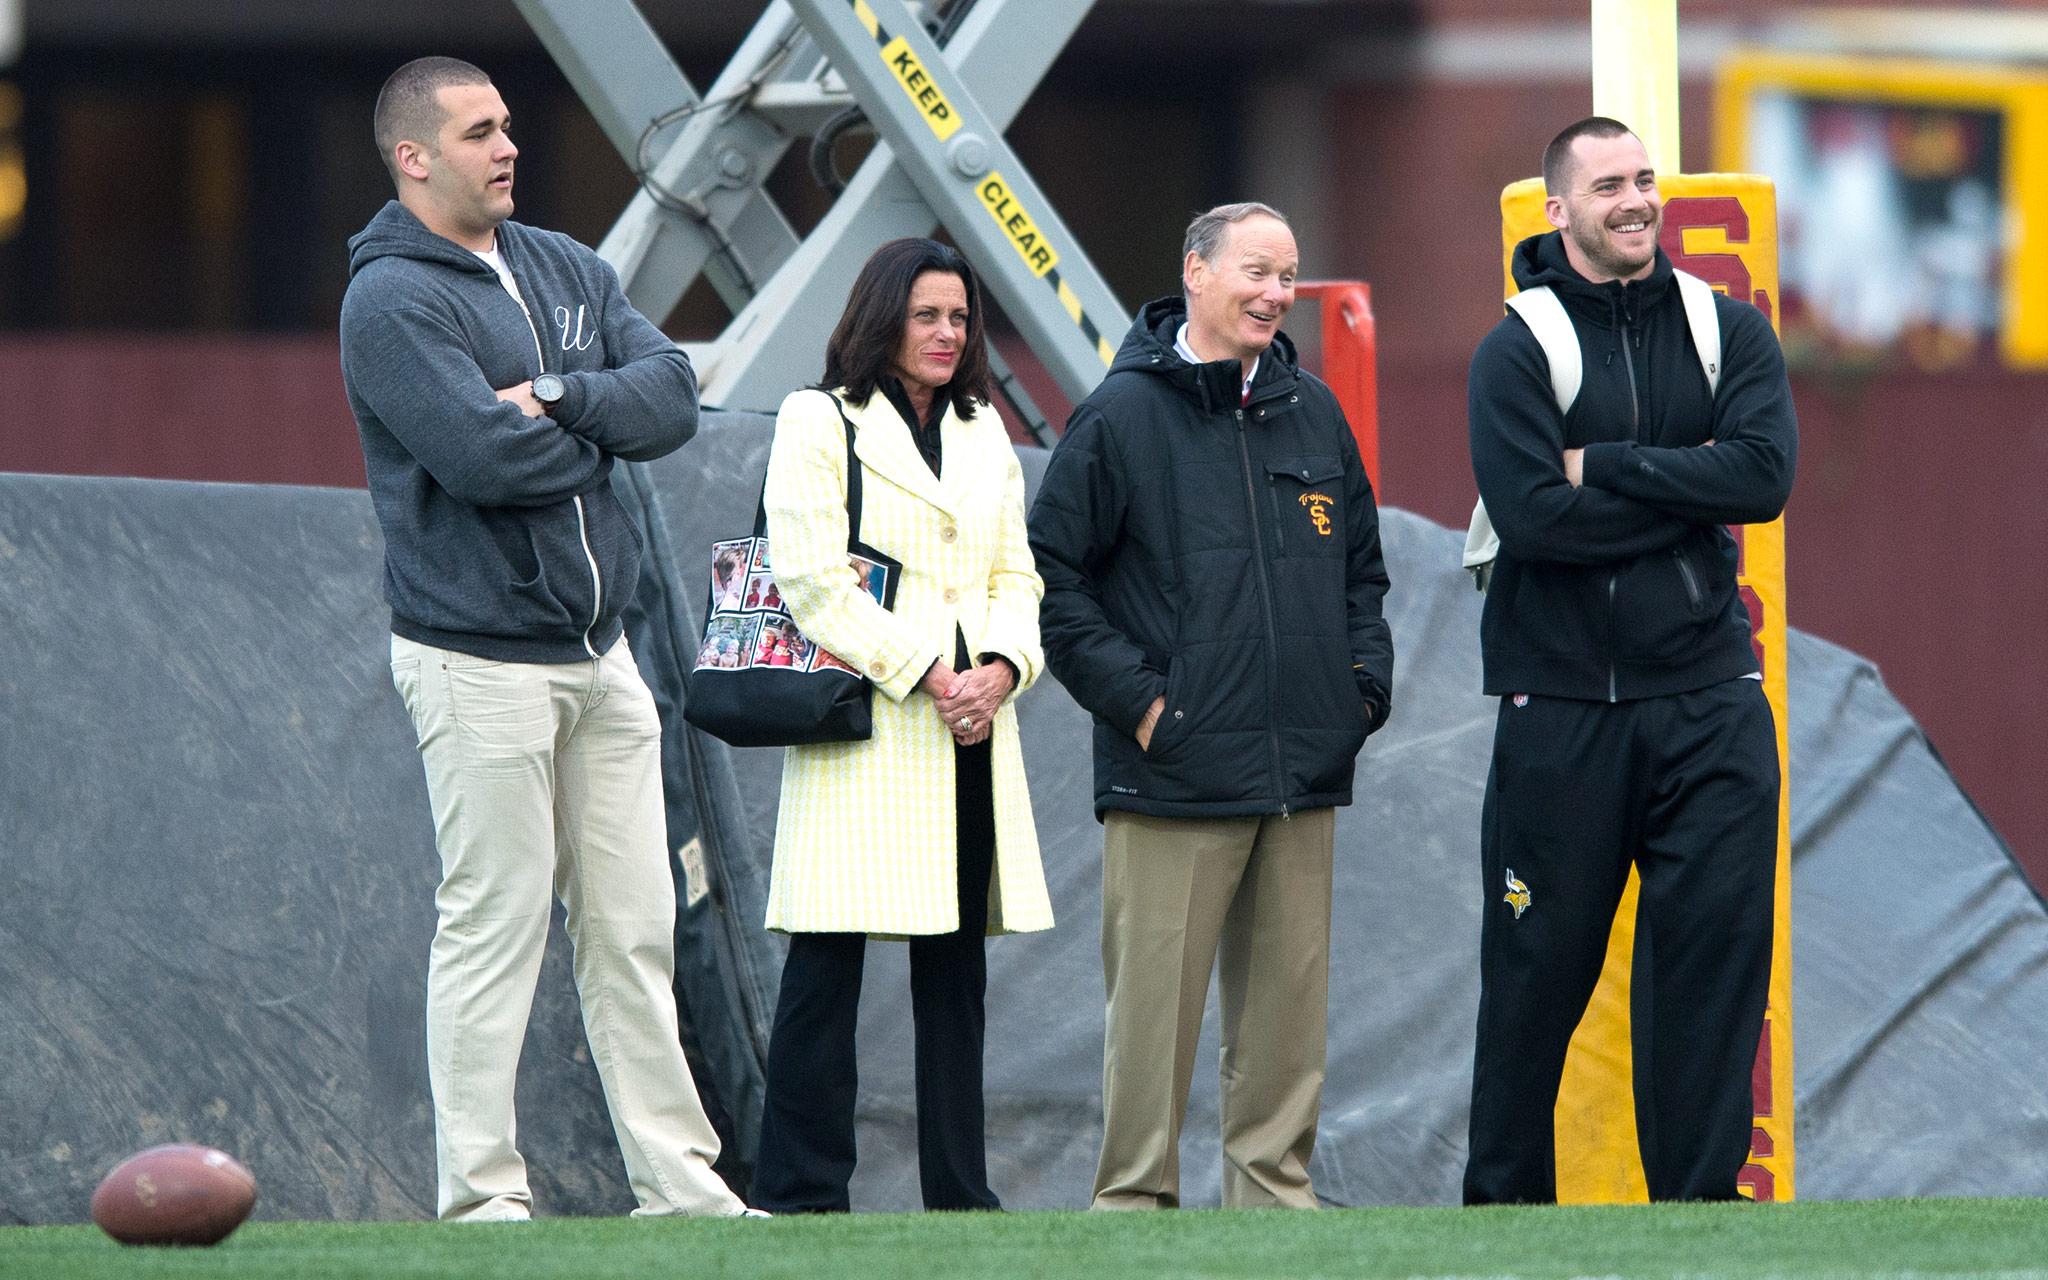 Pat Haden - 2013 USC Spring Practice - ESPN